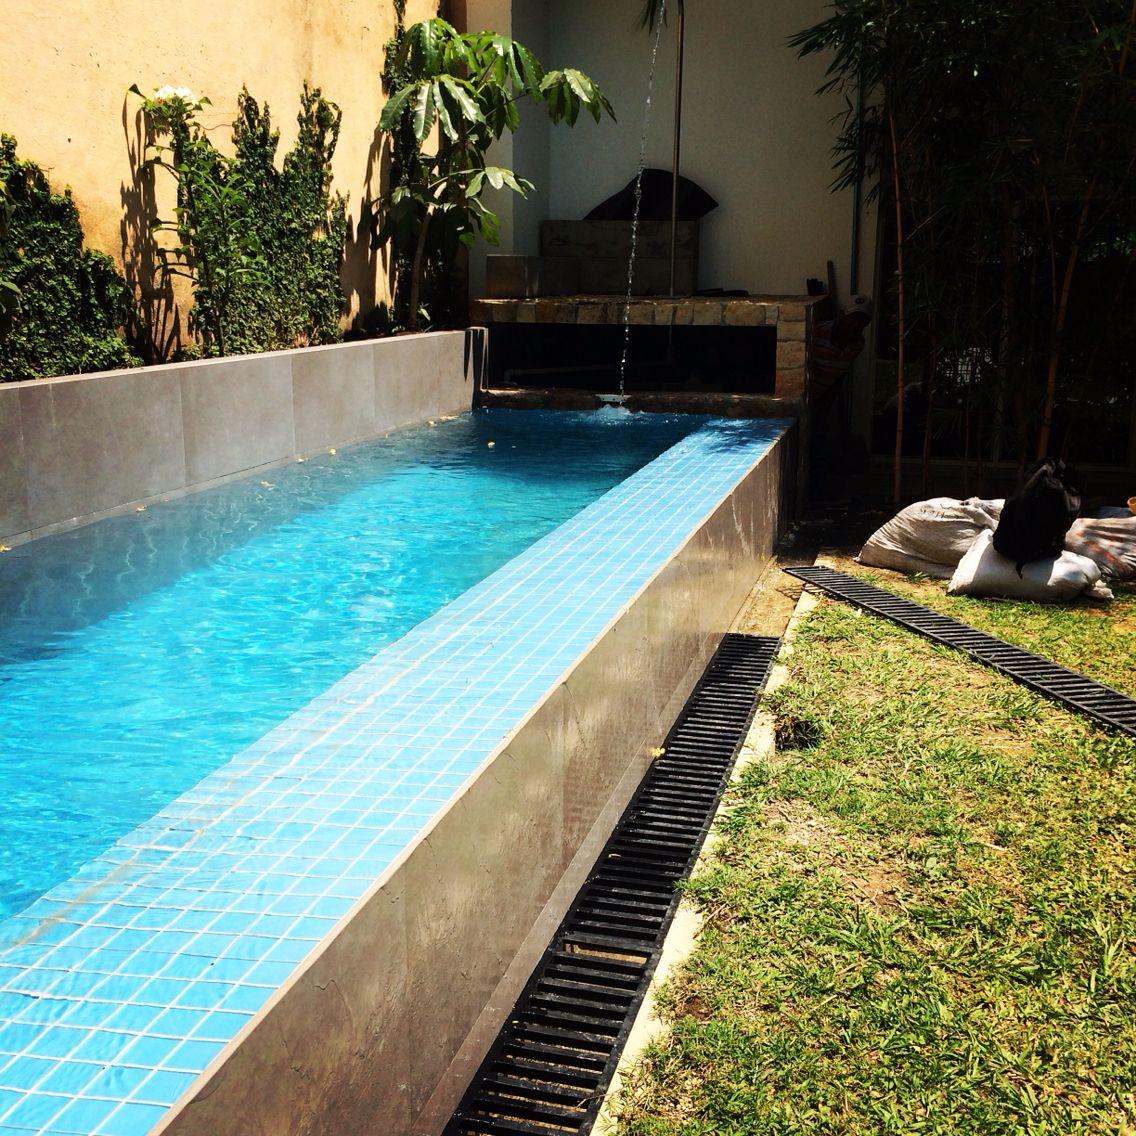 piscina Óscar muñoz cali colombia. | massive architecture&design